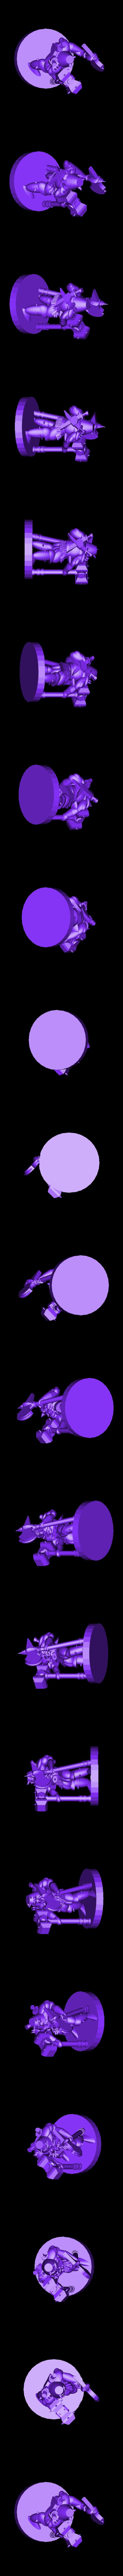 Dwarf_Barbarian.stl Download free STL file DnD Dwarf • 3D printable object, mrhers2